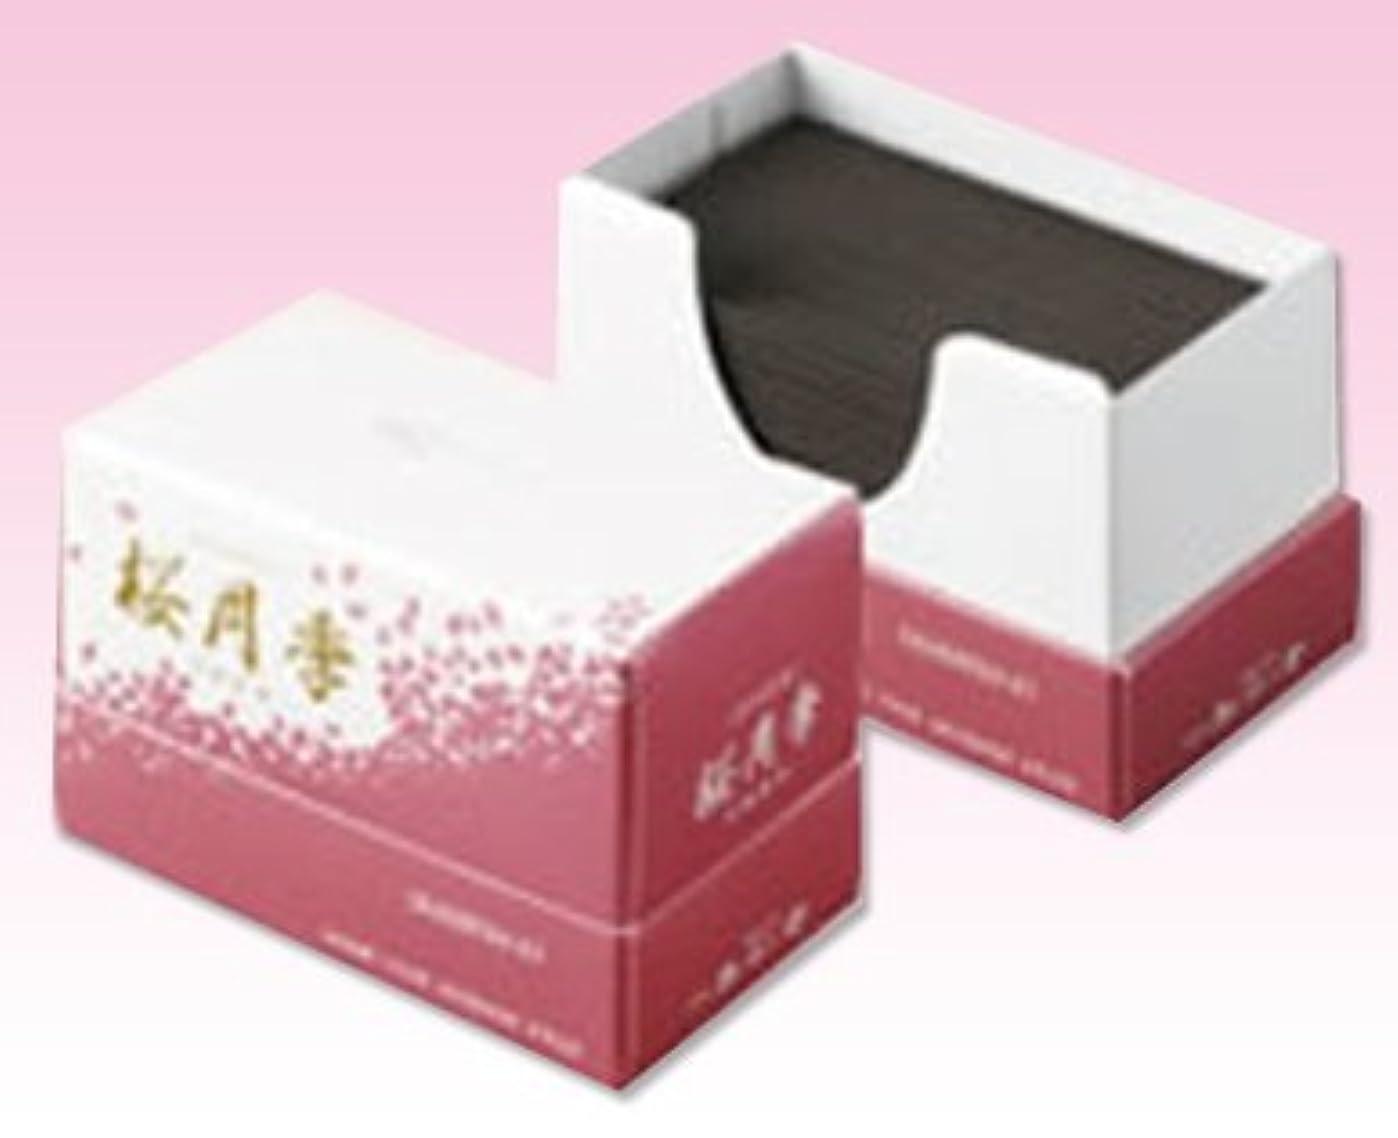 孤独数学偽物玉初堂のお線香 けむりの少ない 桜月季 超短寸 #6637